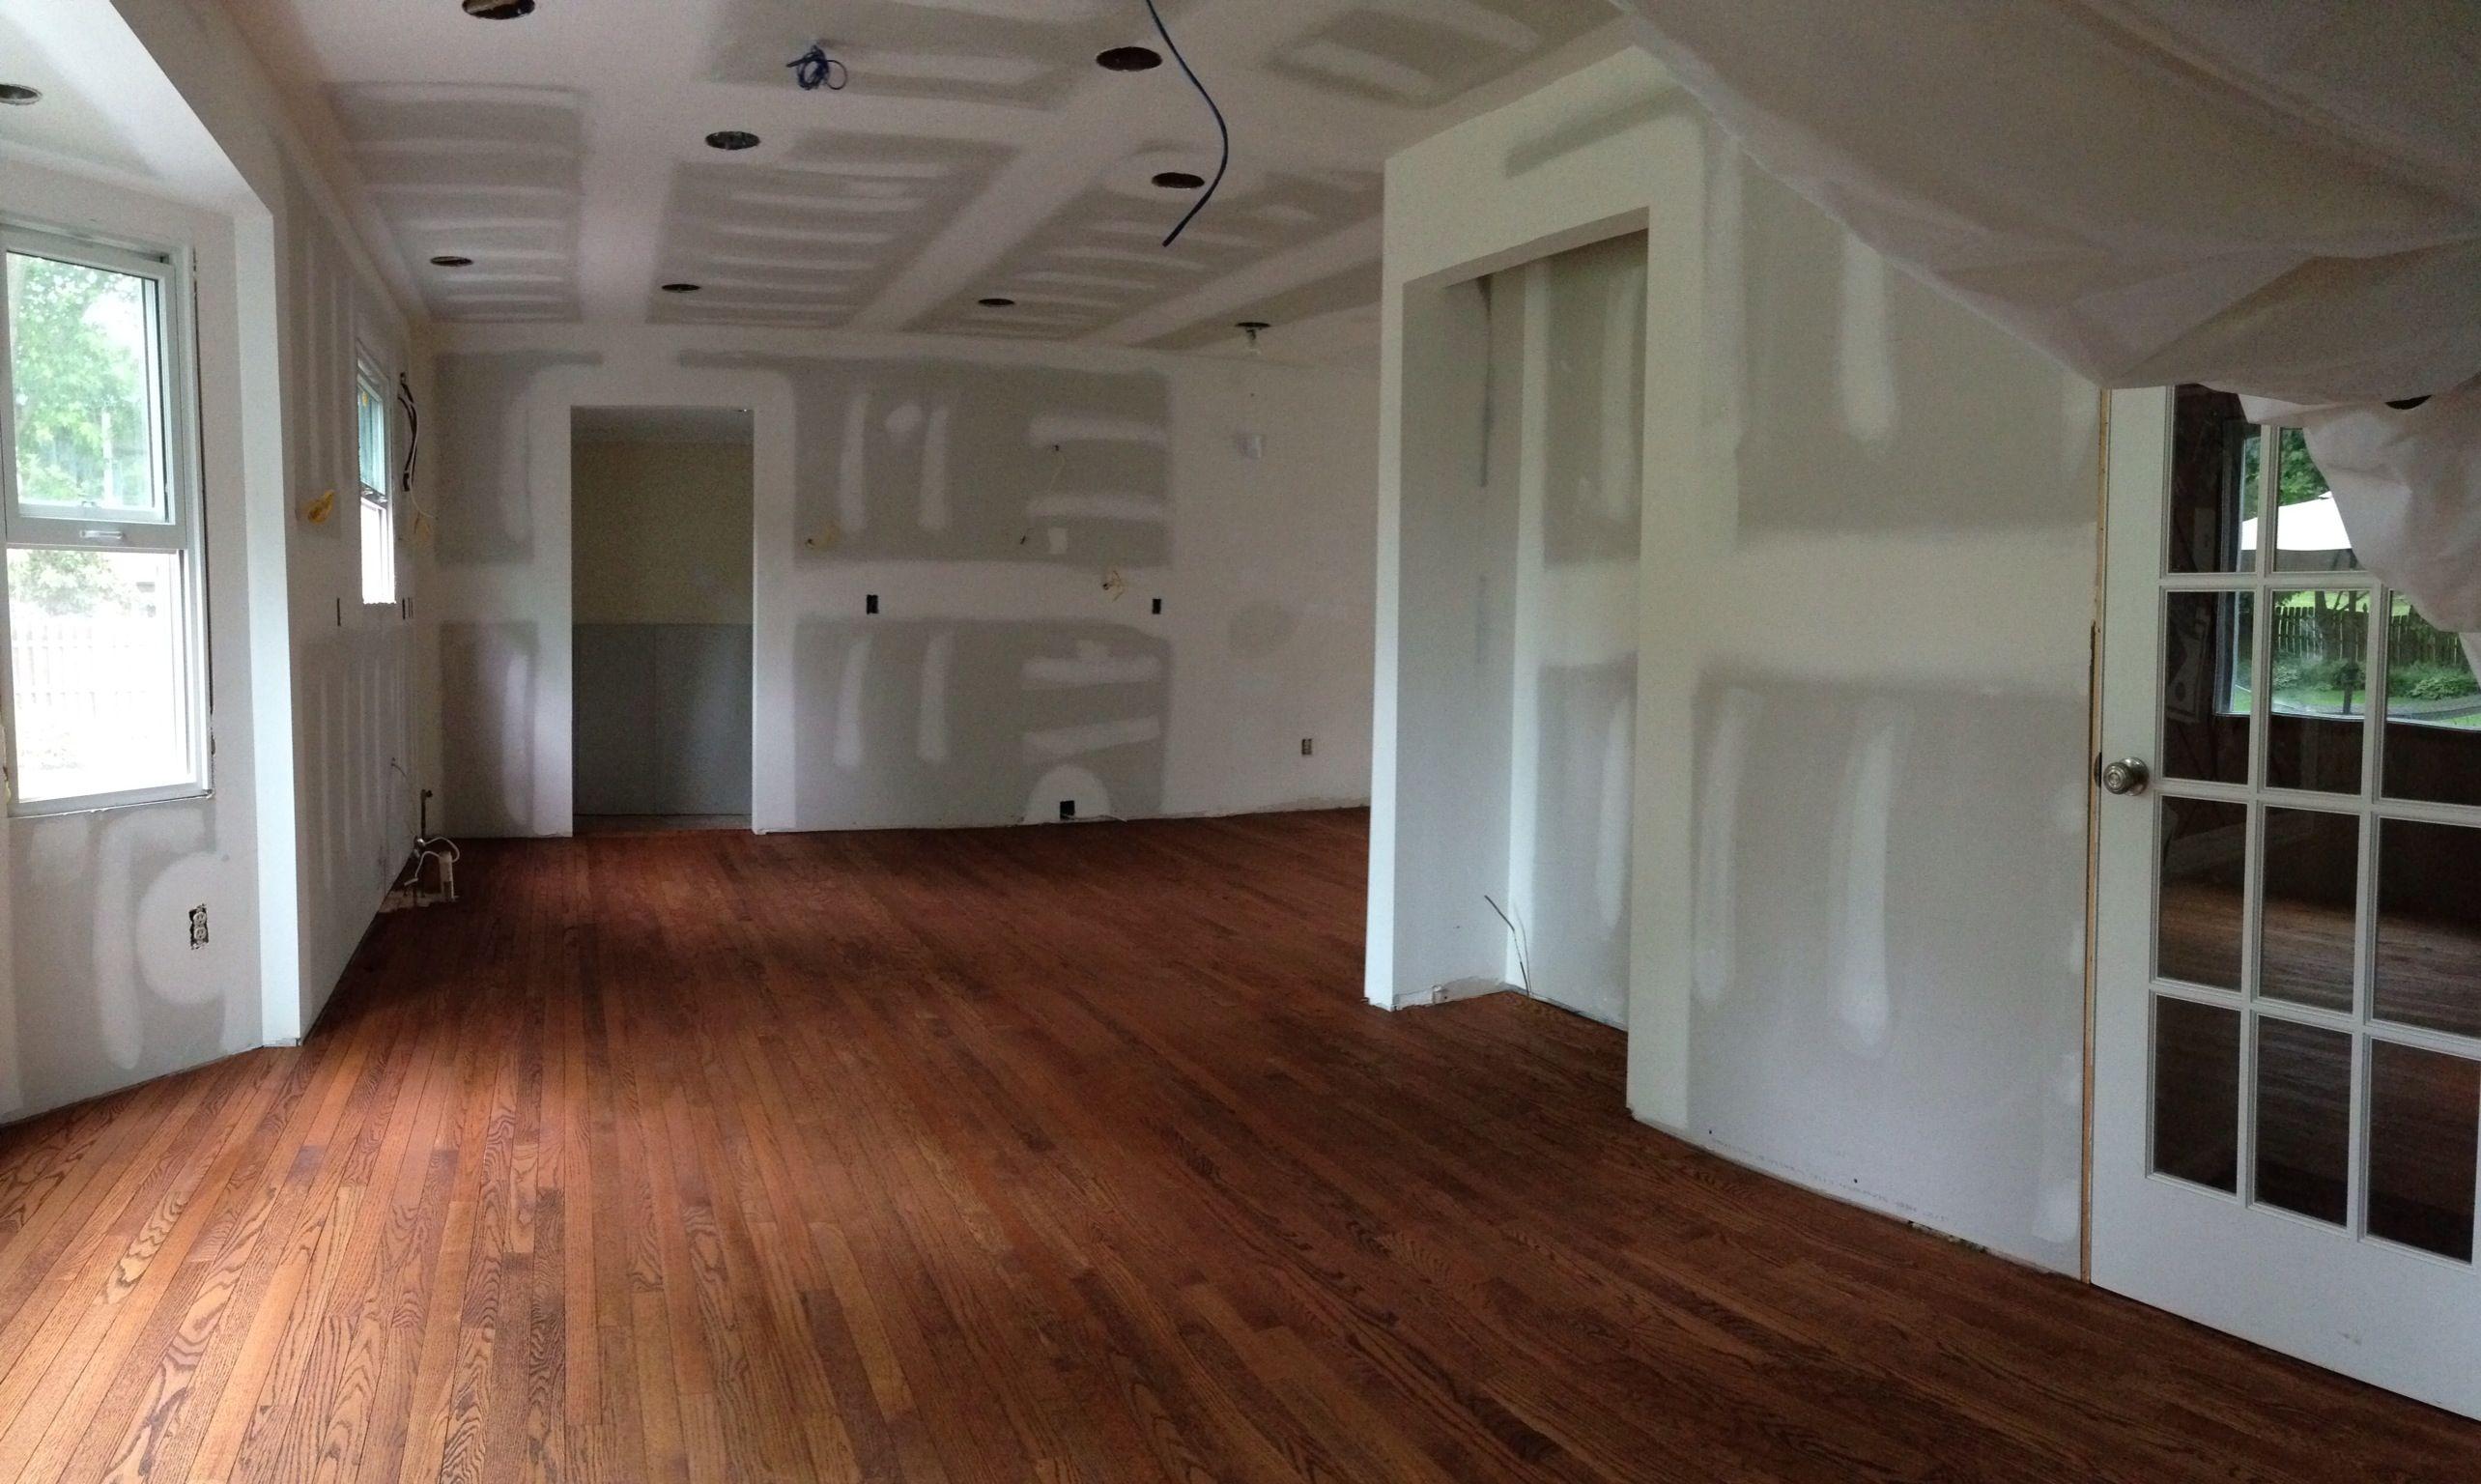 New Honey Minwax Living Room In 2019 Minwax Minwax